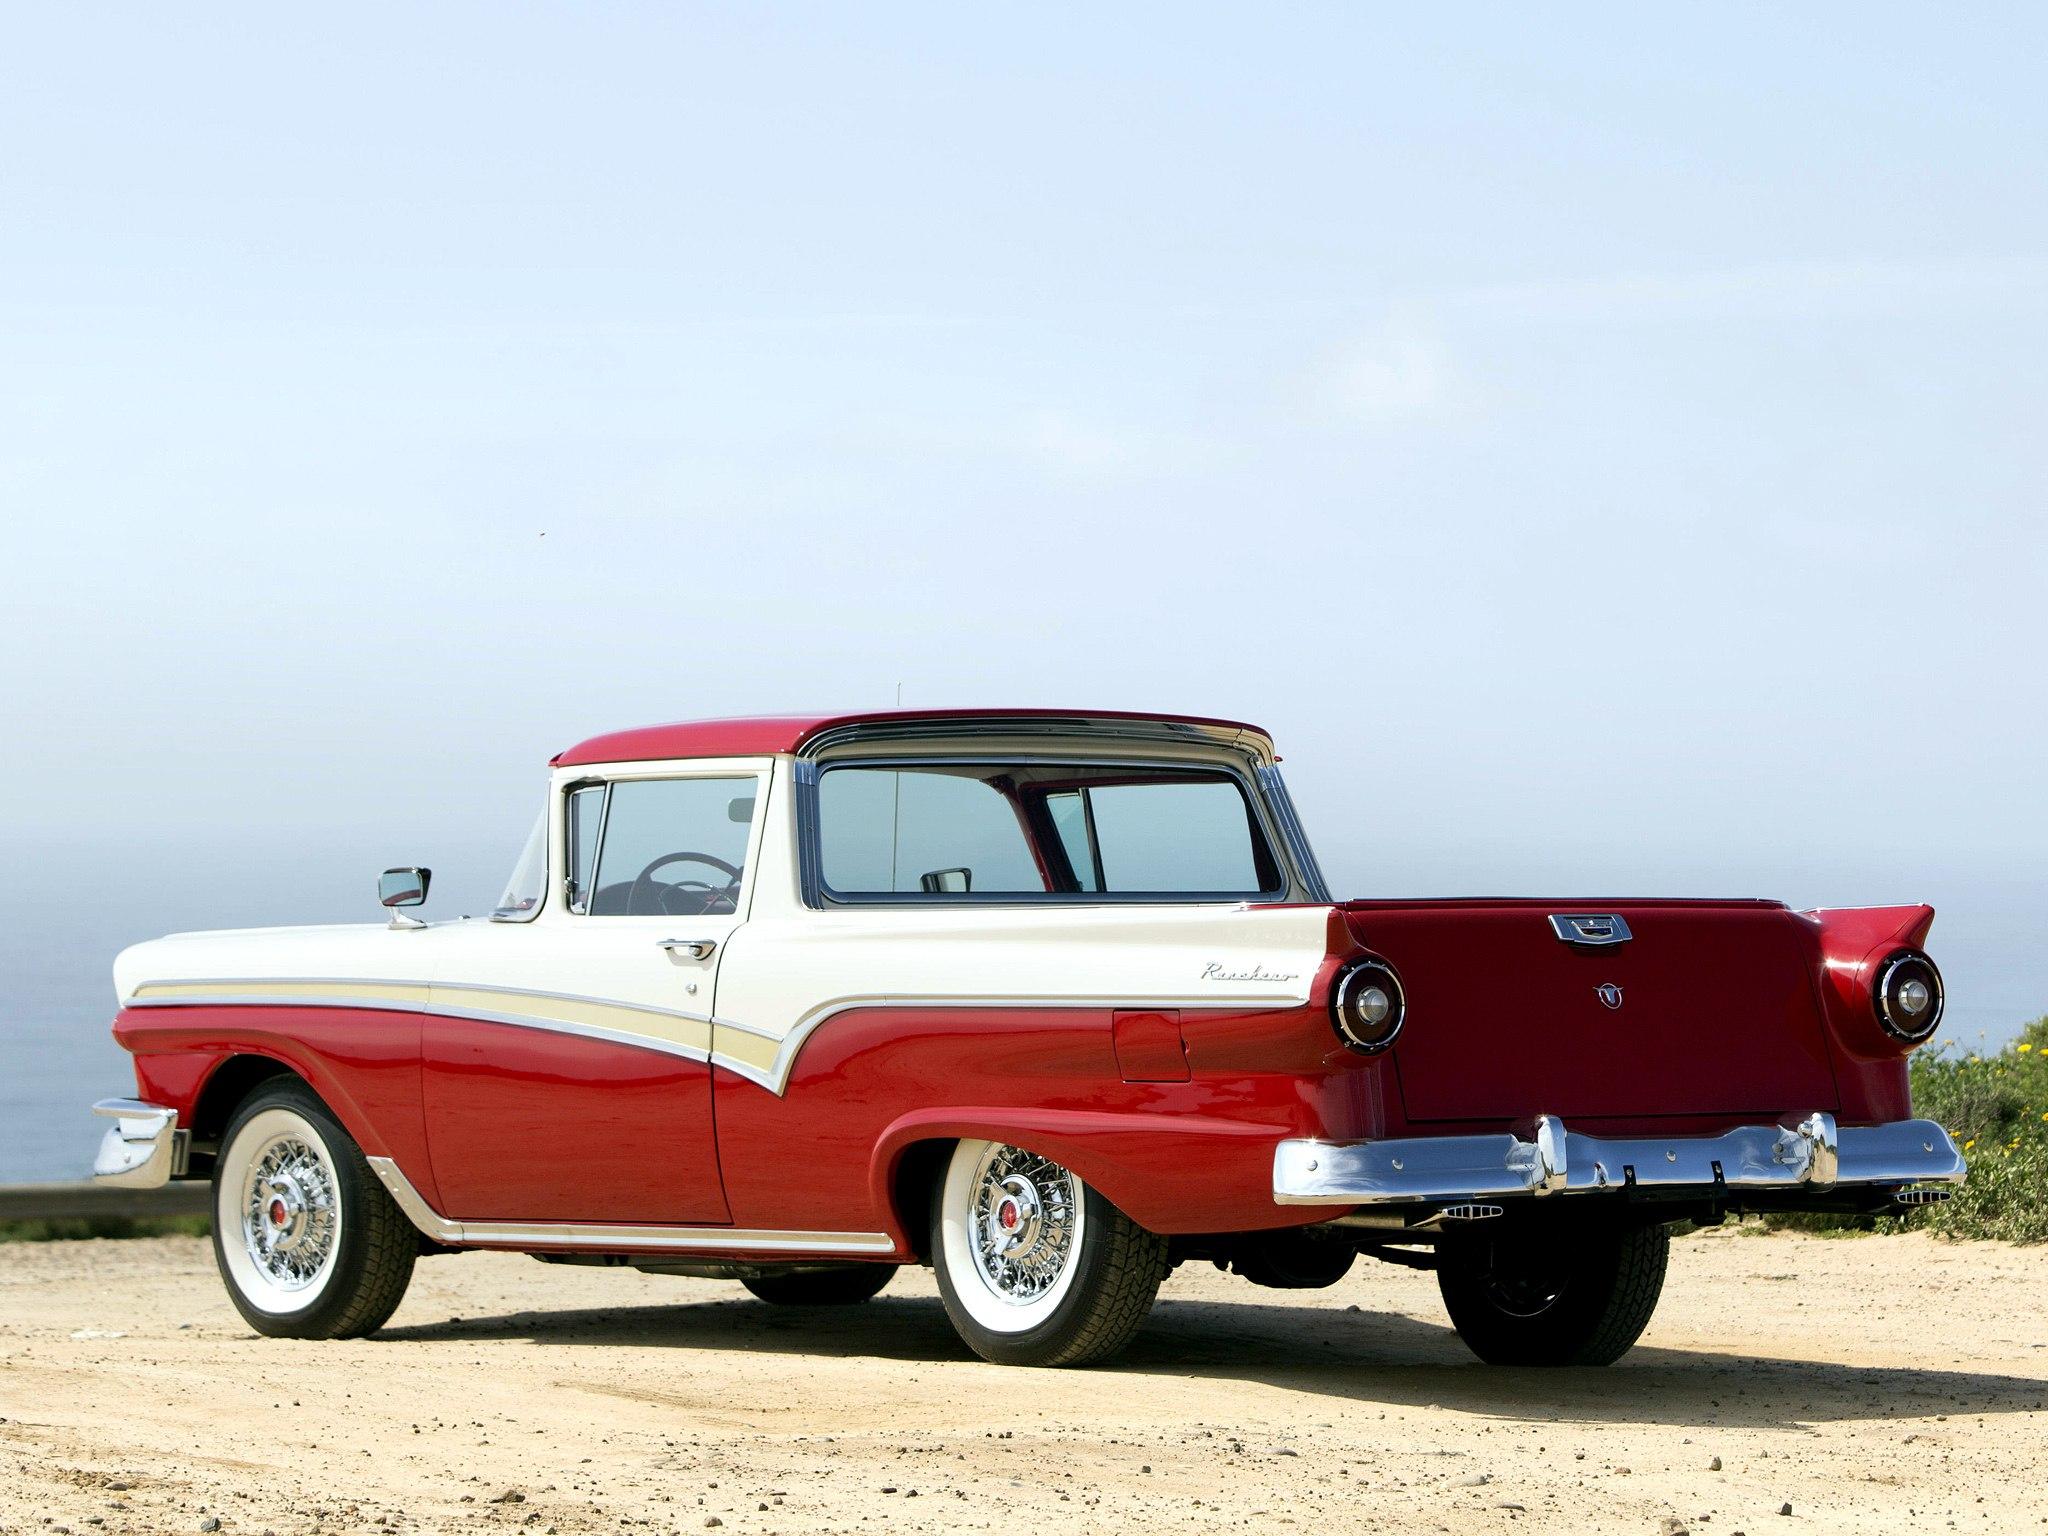 Us Weekly 37 16 Radicalmag 1954 Chevrolet El Camino Fr Den Modelljahrgang 1959 War Es Dann Endlich Soweit Der Eine Bezeichnung Die Erstmals Cadillac Studie Verwendet